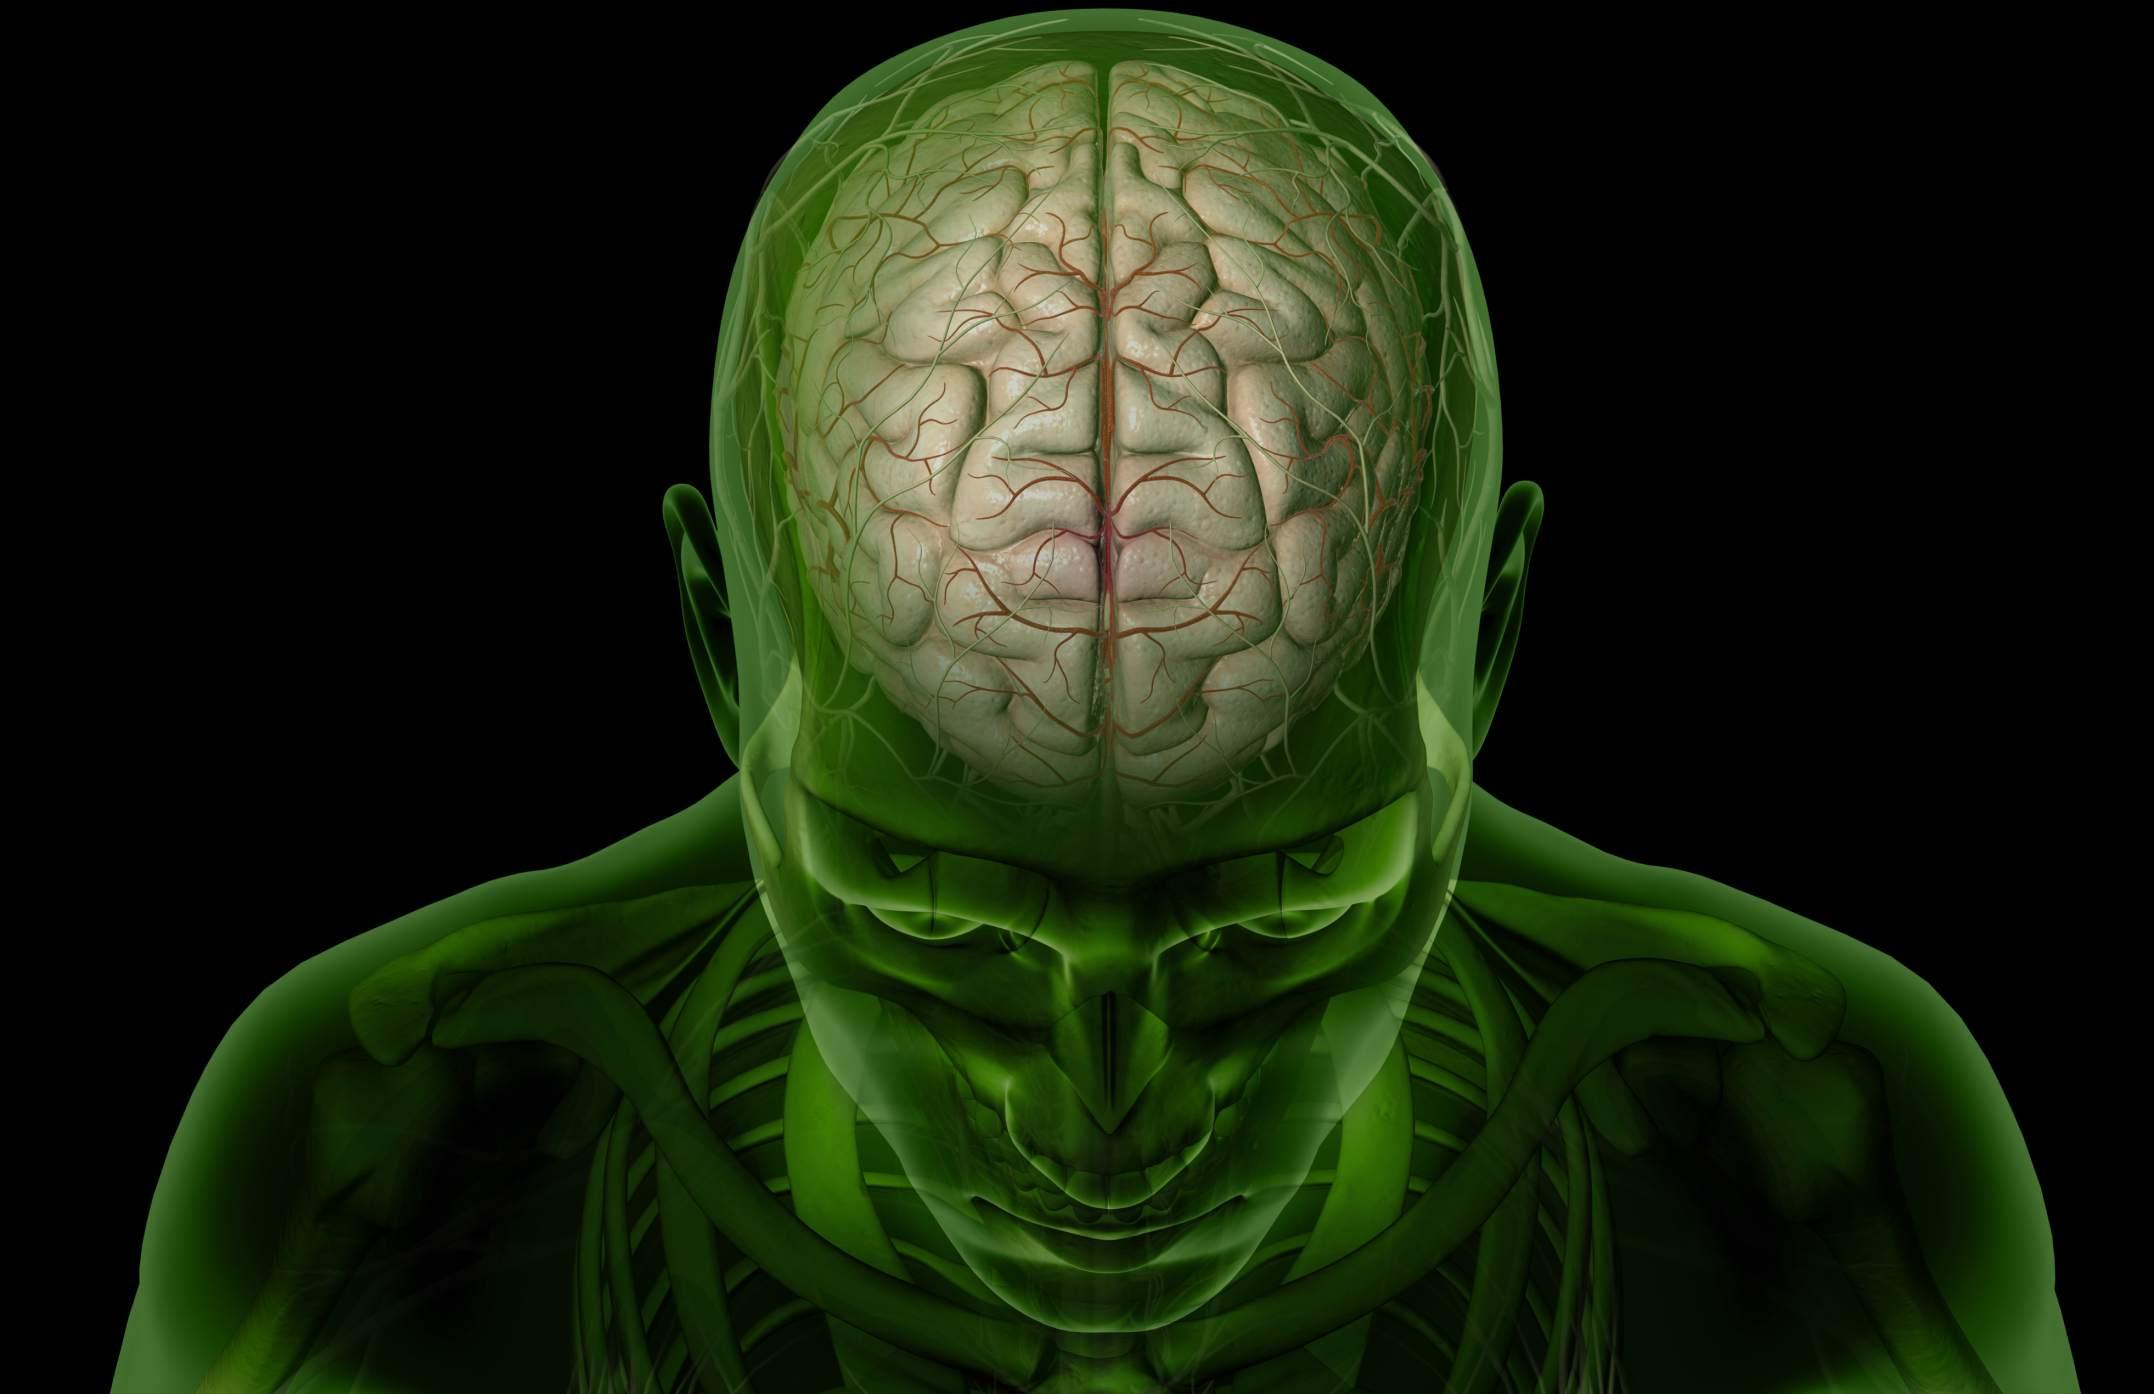 Τεχνητή Νοημοσύνη Εφαρμογές: Αισθητήρας σεροτονίνης βοηθά στην κατανόηση του εγκεφάλου